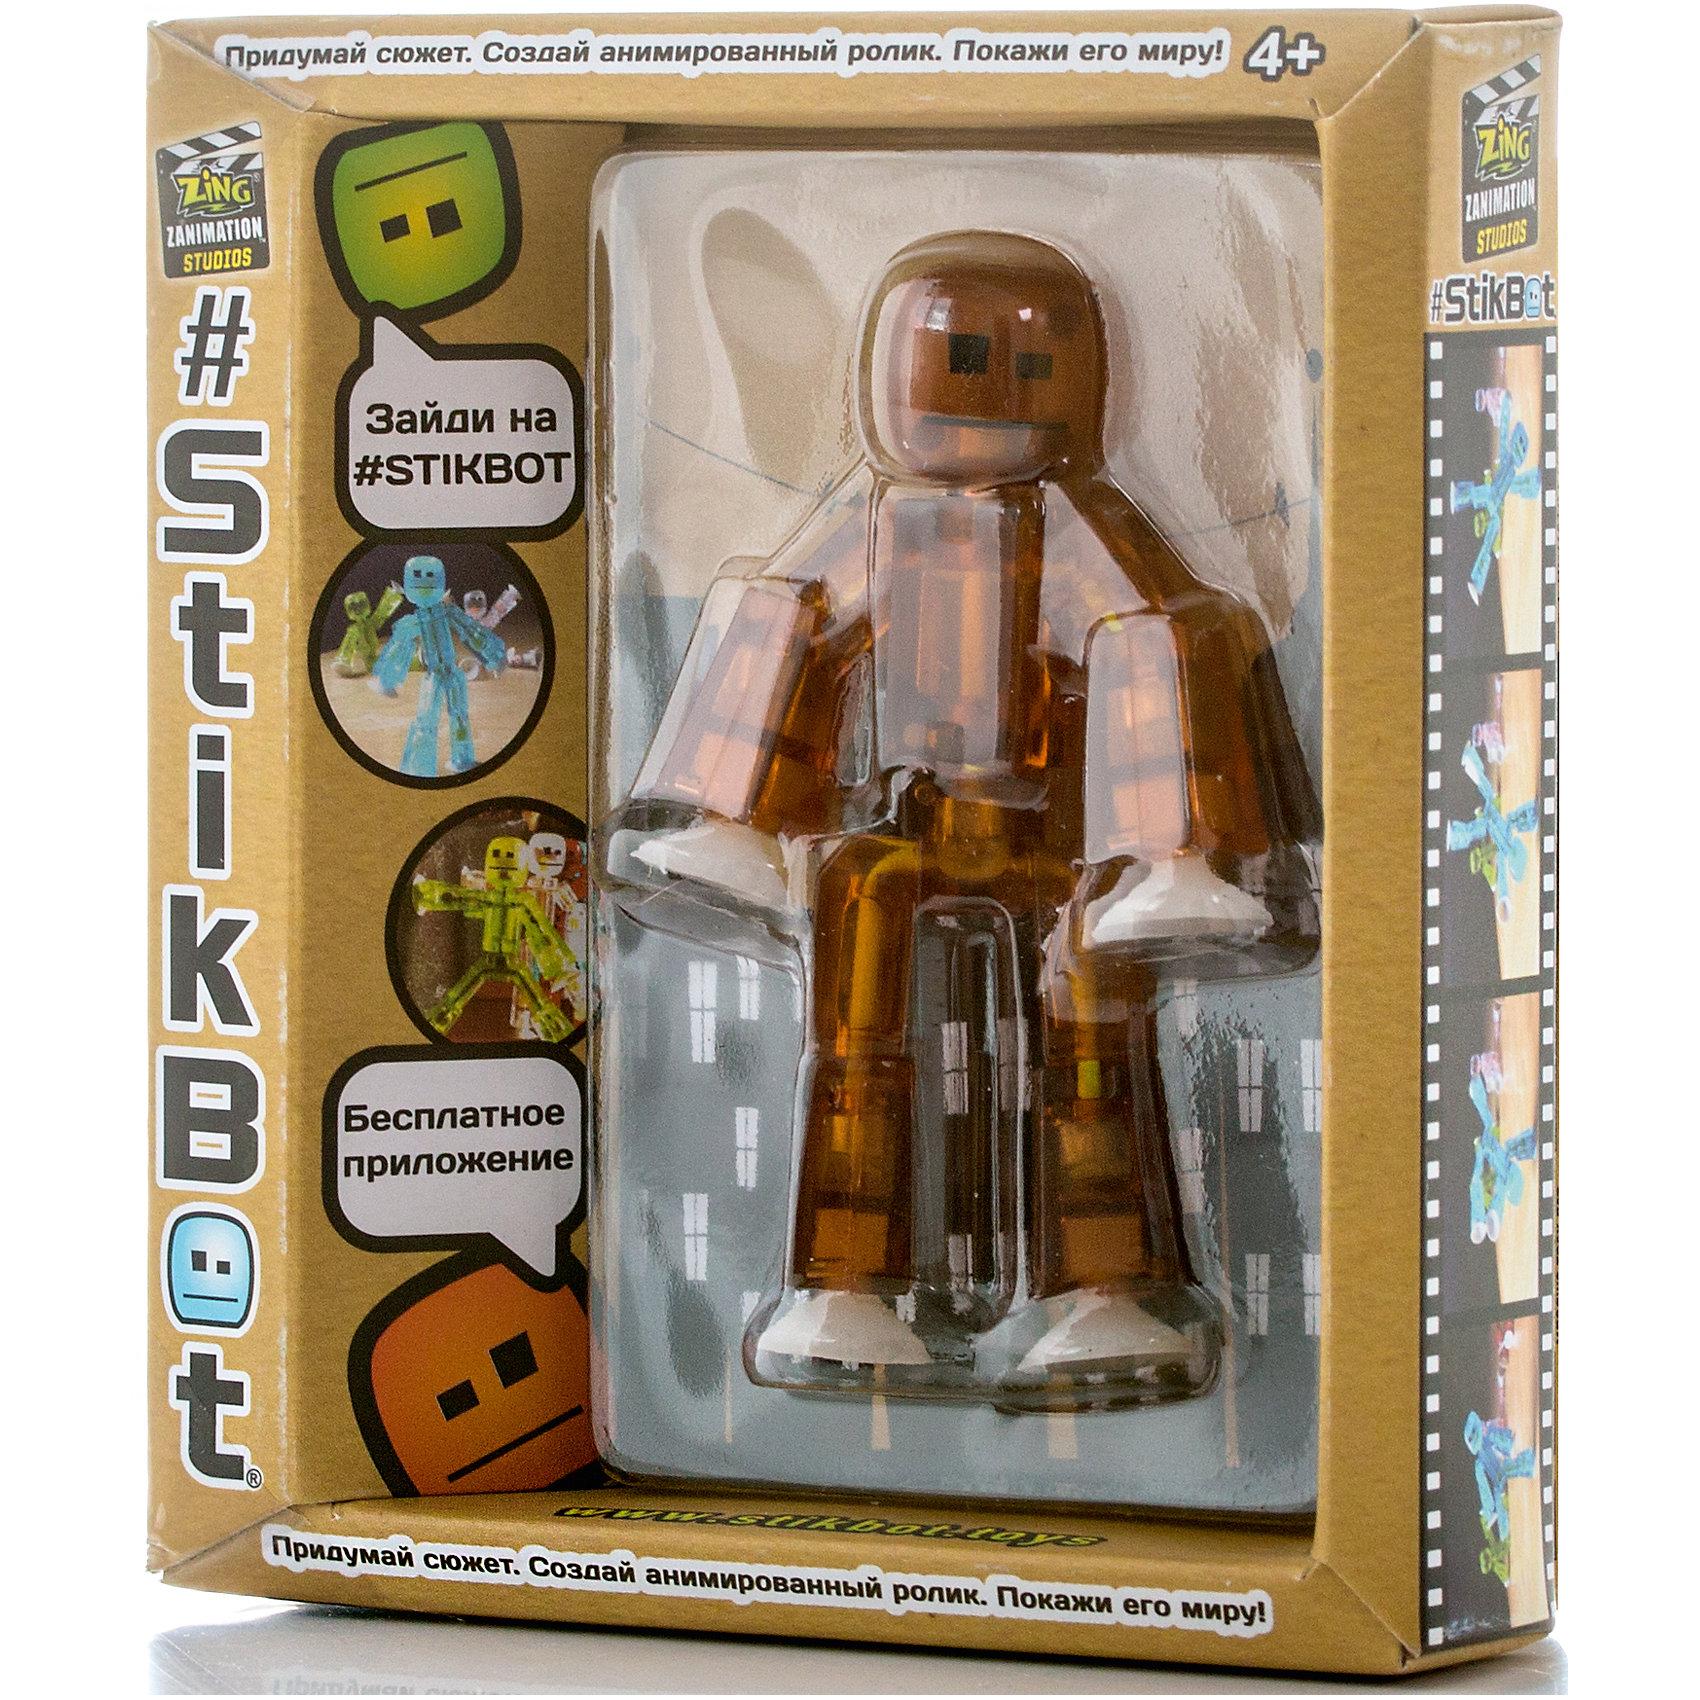 - Игрушка-фигурка, коричневая, Stikbot фигурка stikbot 8 см в ассортименте